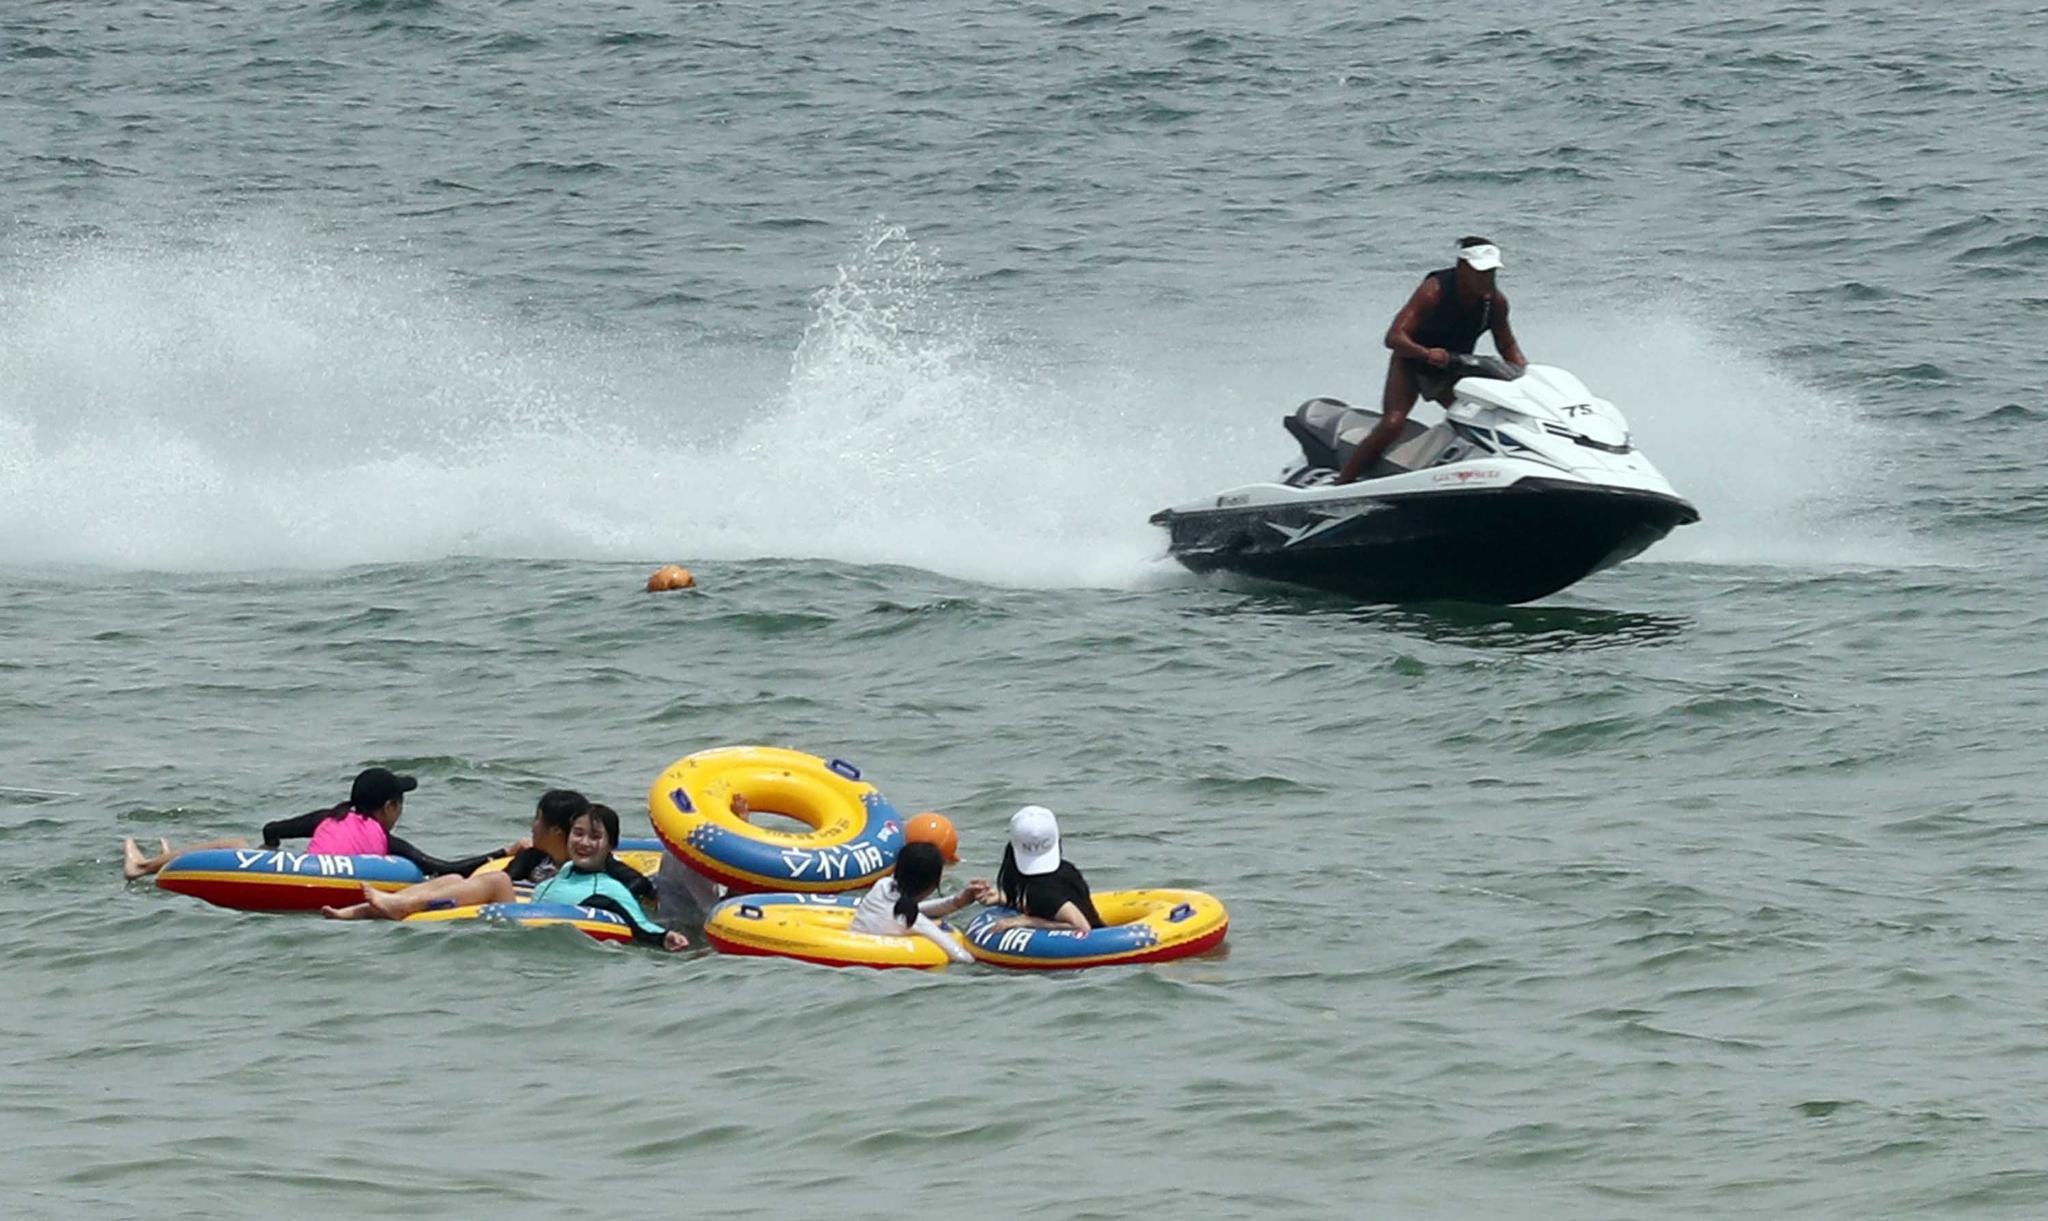 1일 부산 해운대해수욕장에서 물놀이를 즐기는 피서객 옆으로 수상 오토바이가 물보라를 일으키며 질주하고 있다. [연합뉴스]